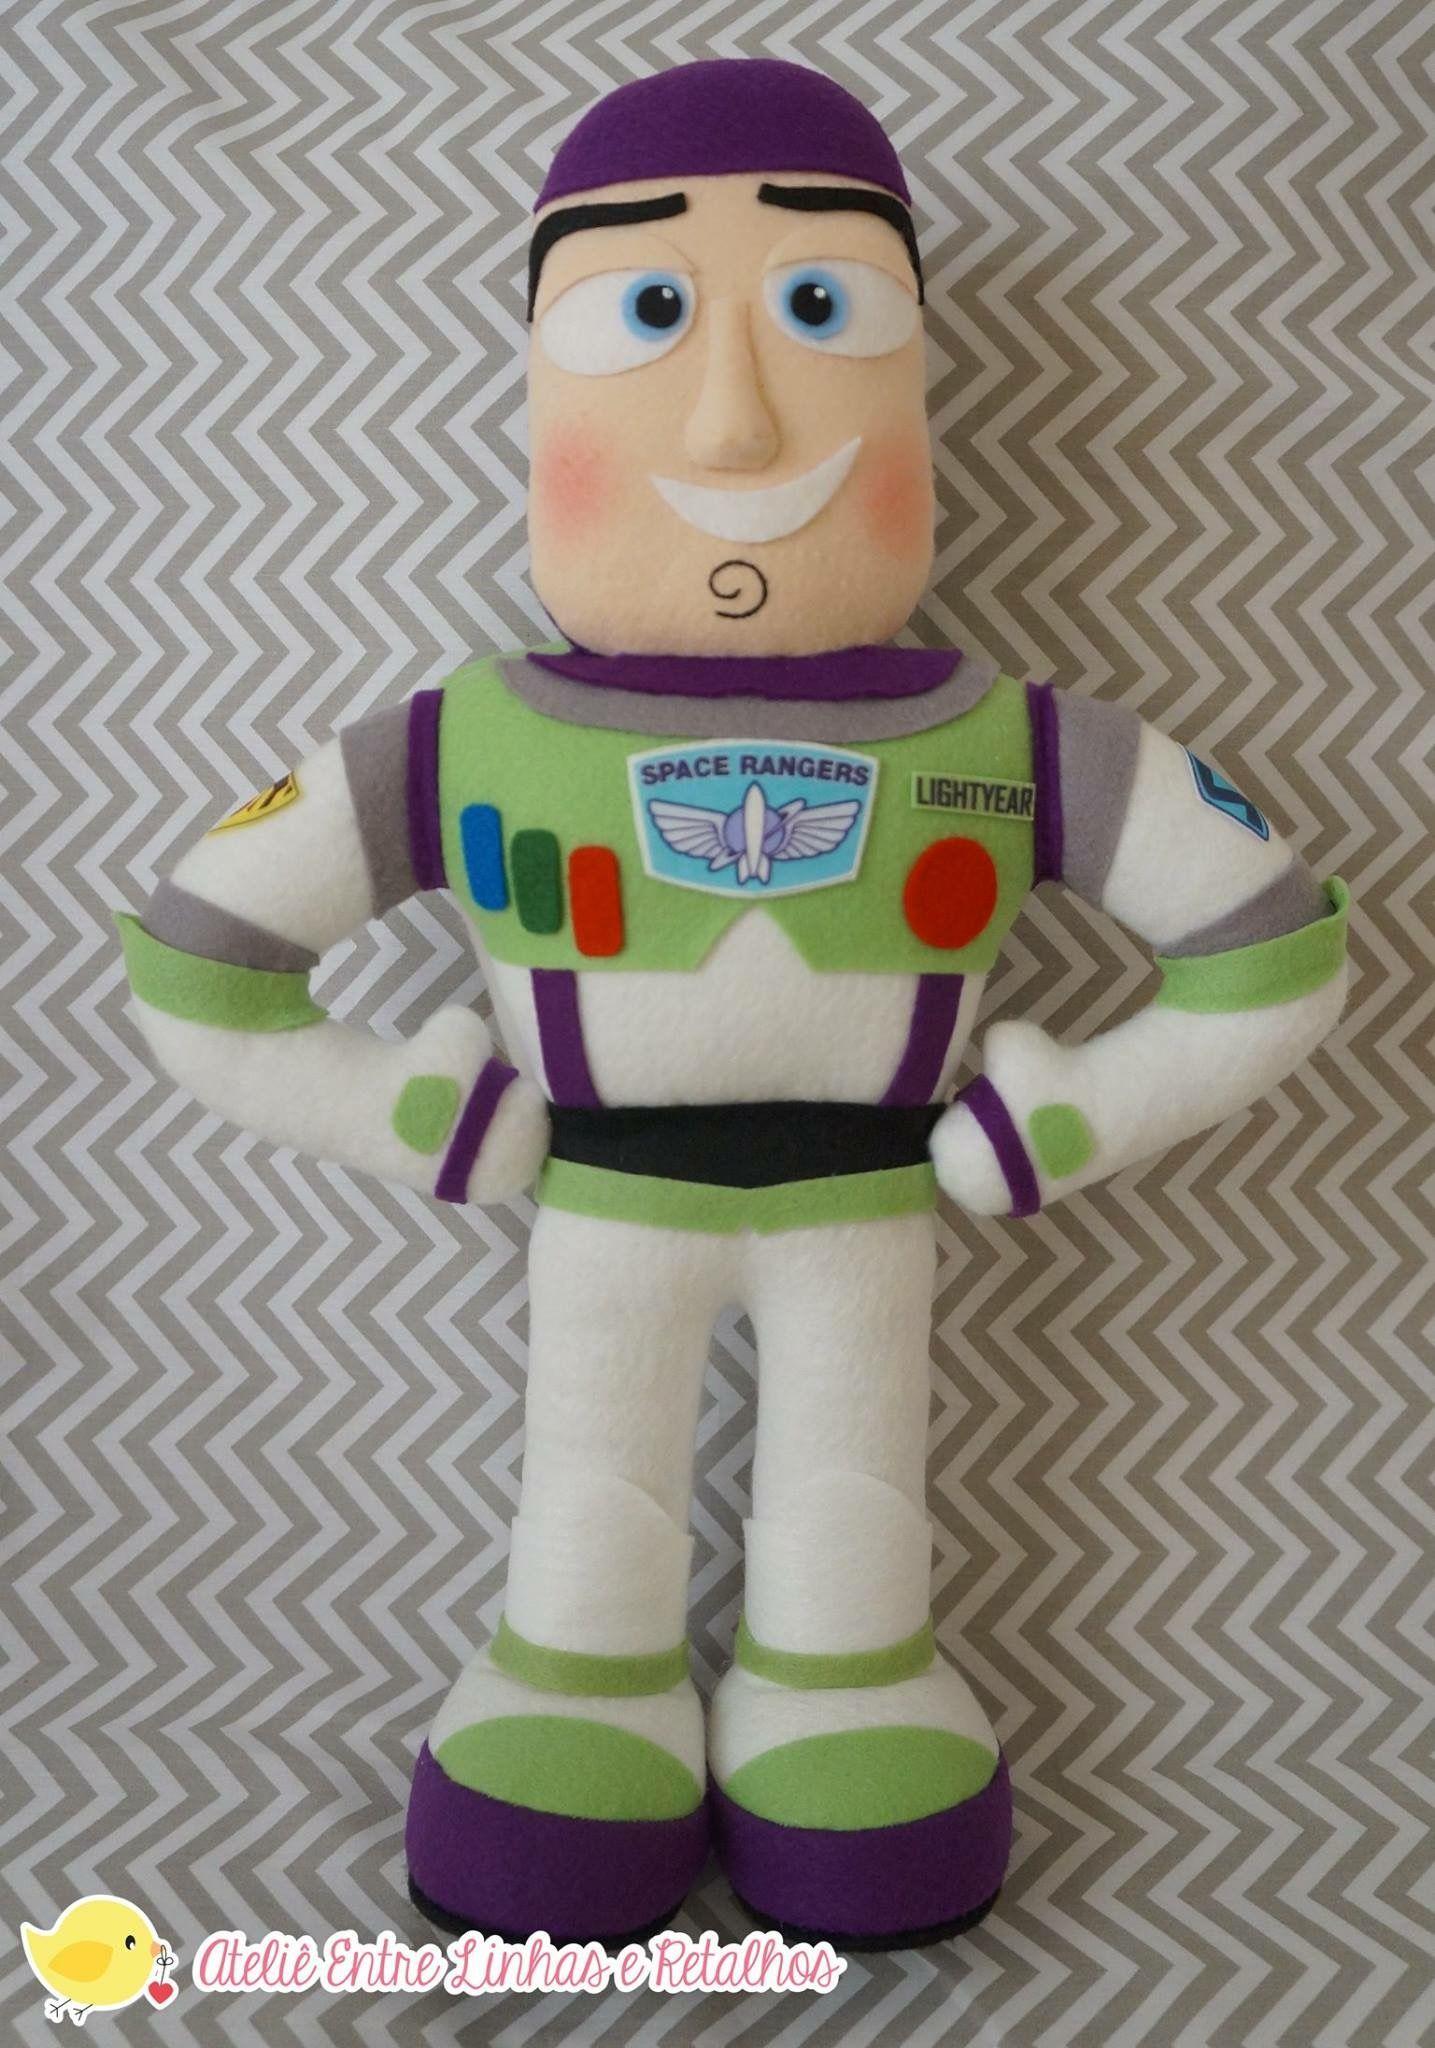 0cf7d06f43b21 Buzz Lightyear feltro